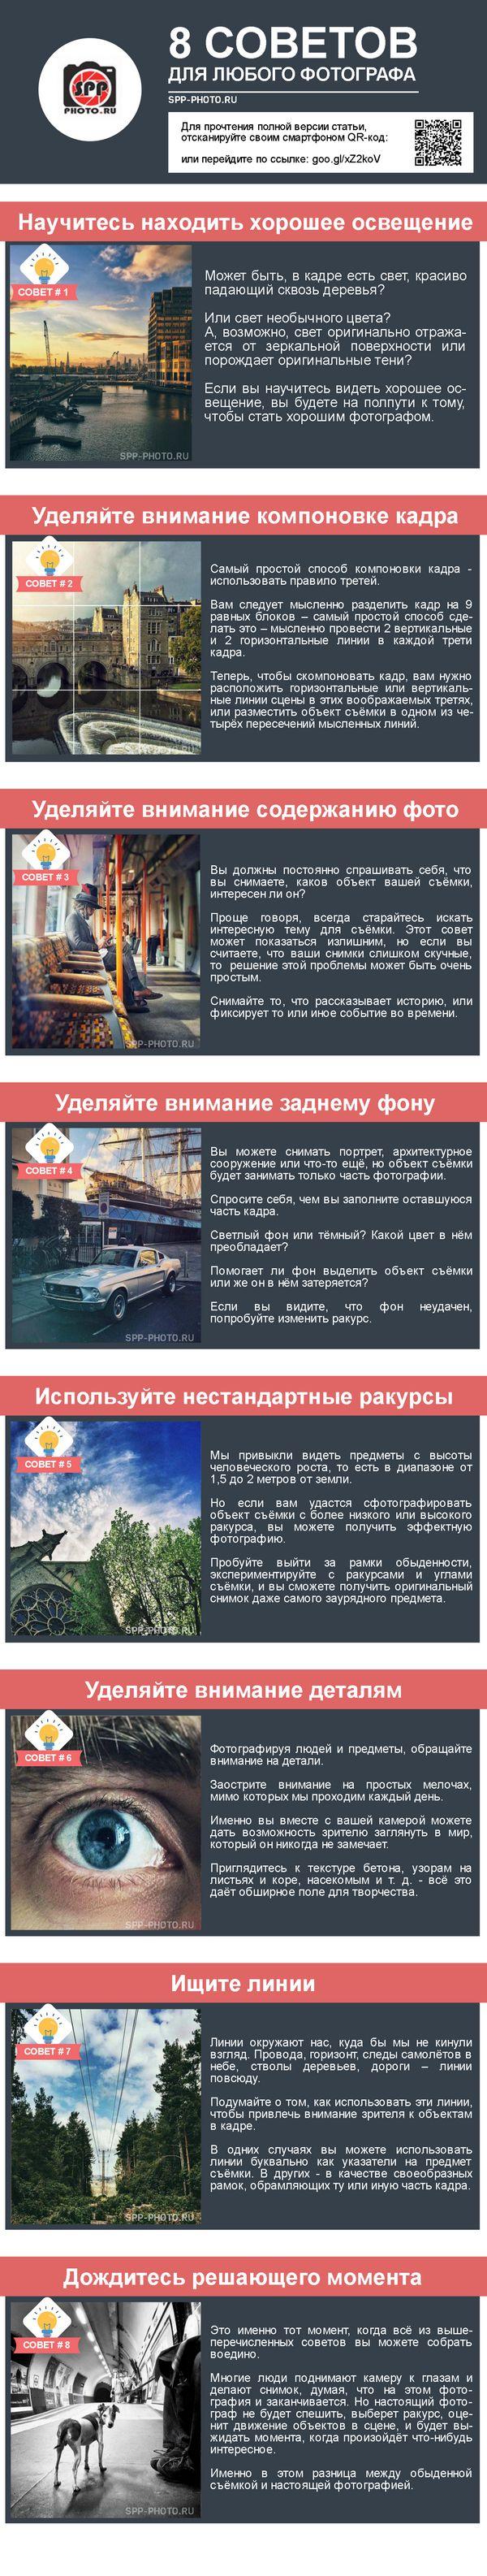 Инфографика: 8 советов для фотографа